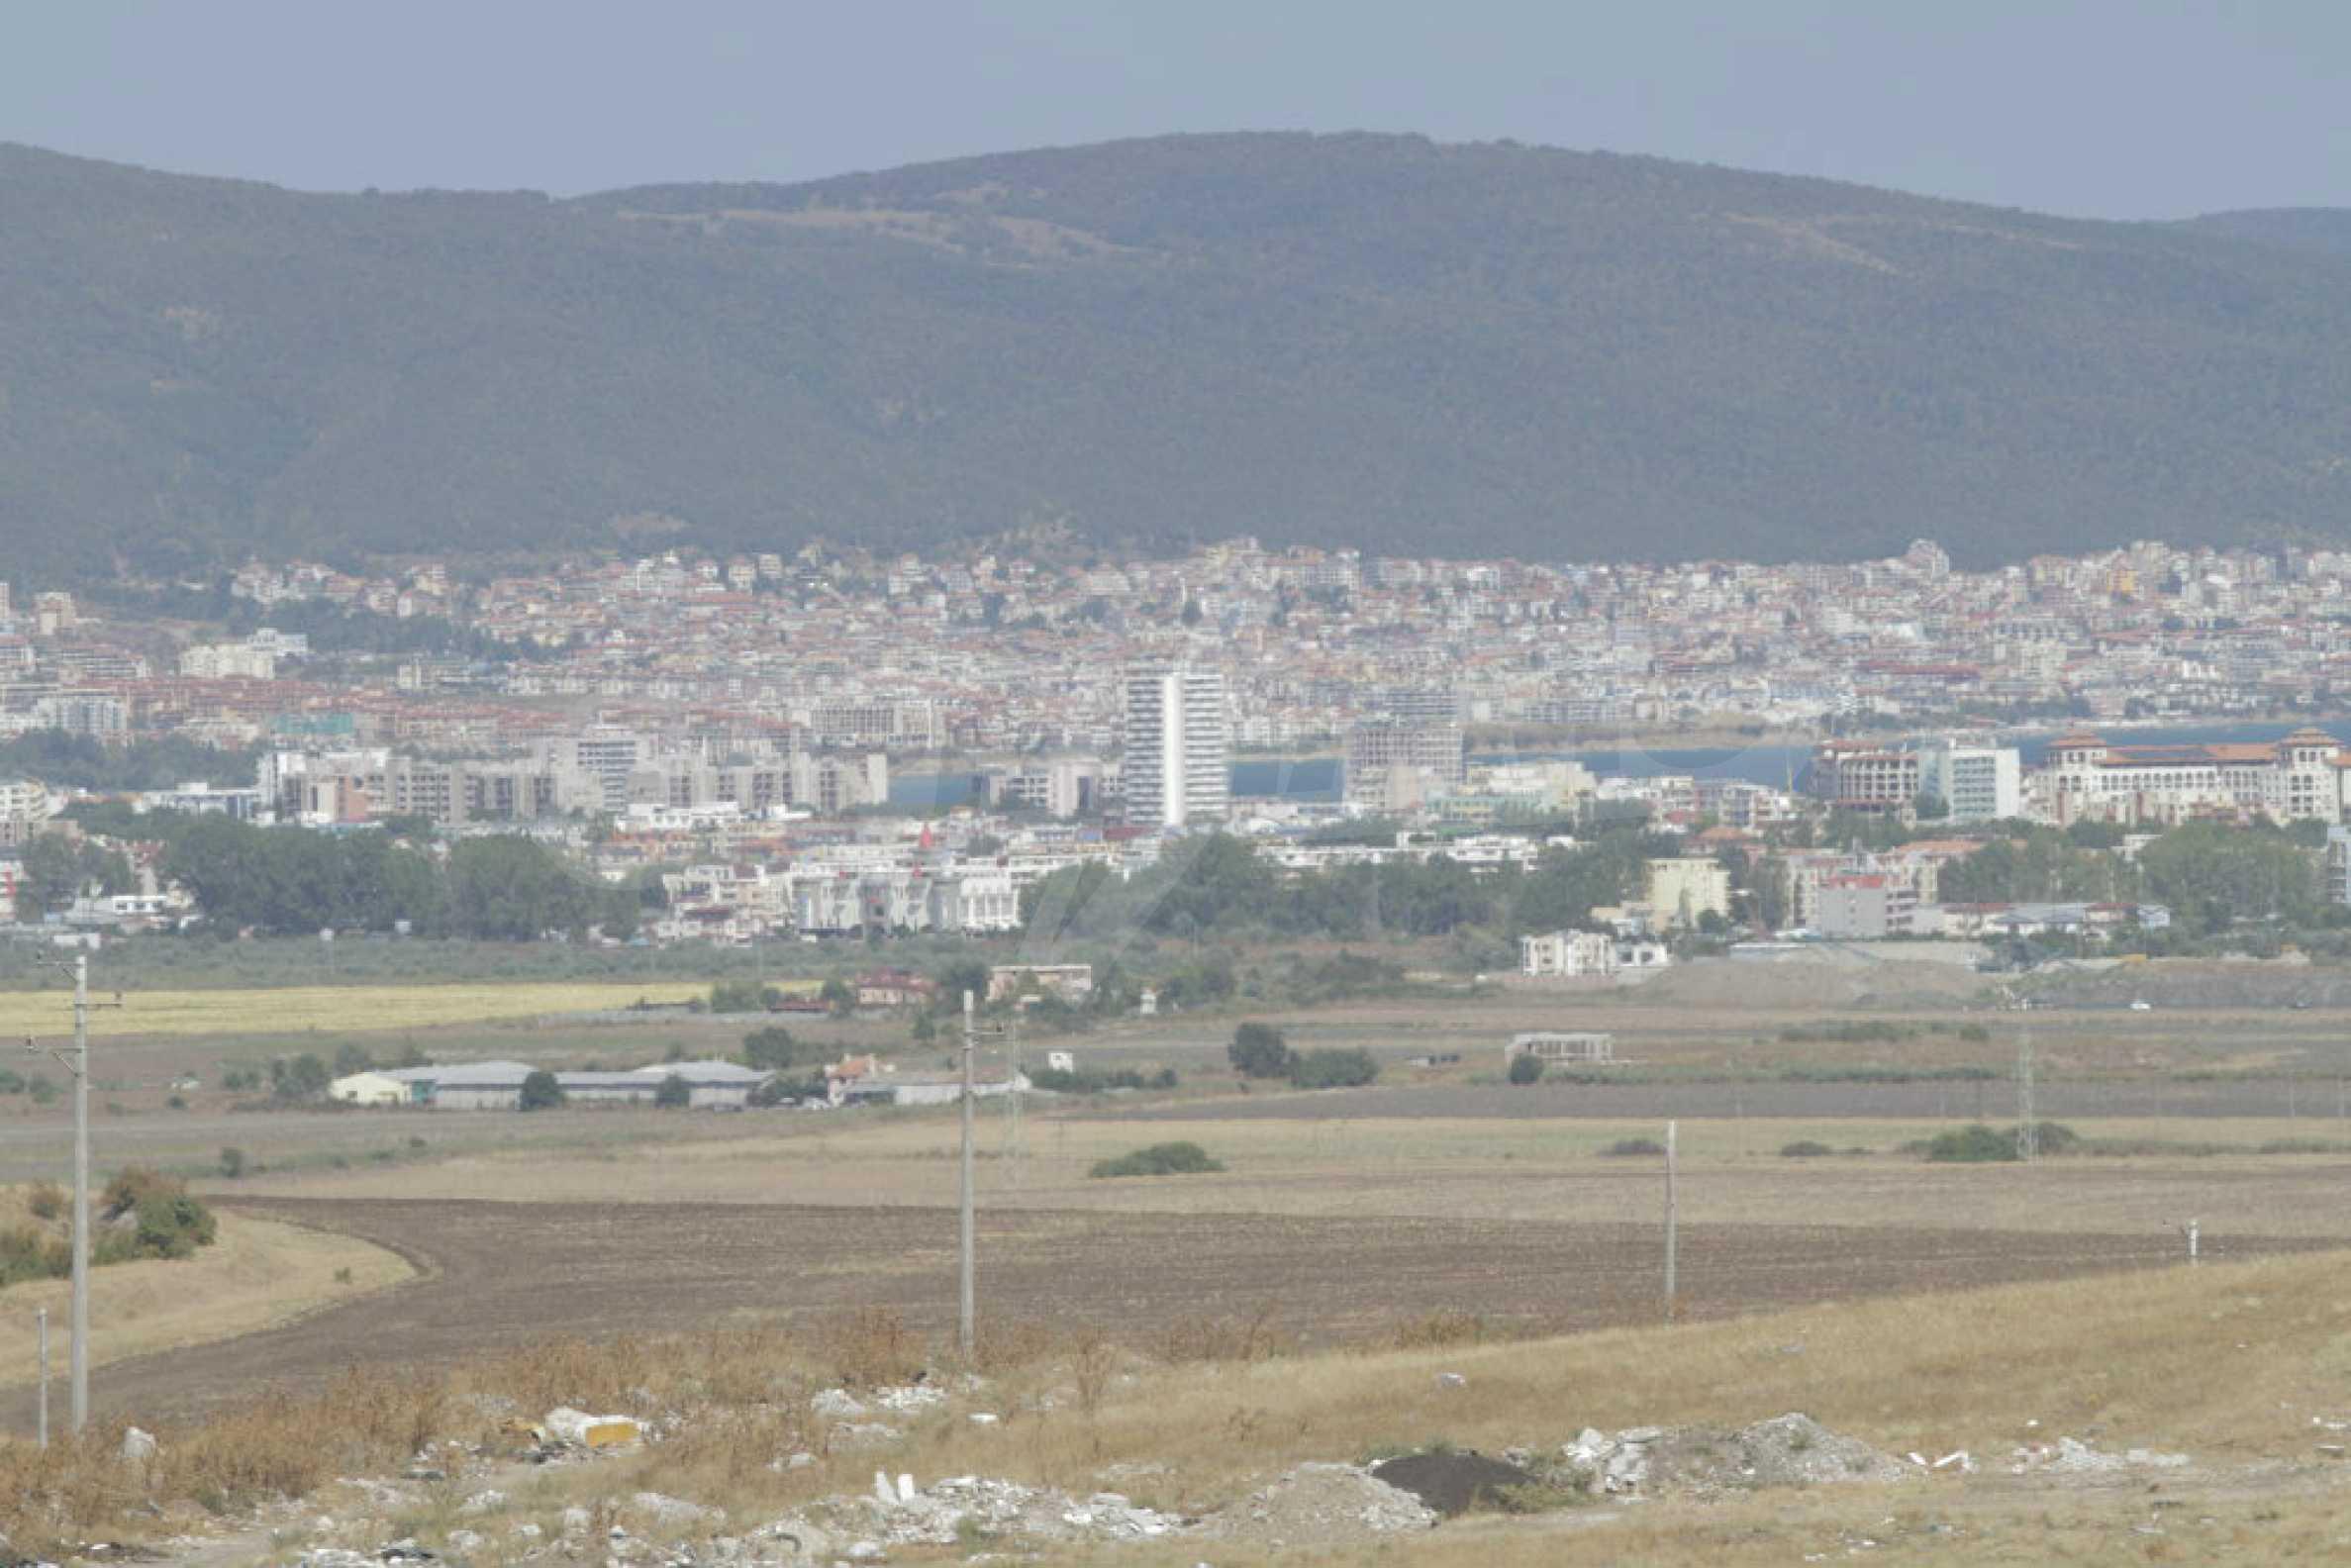 Attraktives Grundstück für Investieren in der Nähe des historischen Komplexes Aheloy 917 und Sonnenstrand, bei Tankowo und Aheloy 42